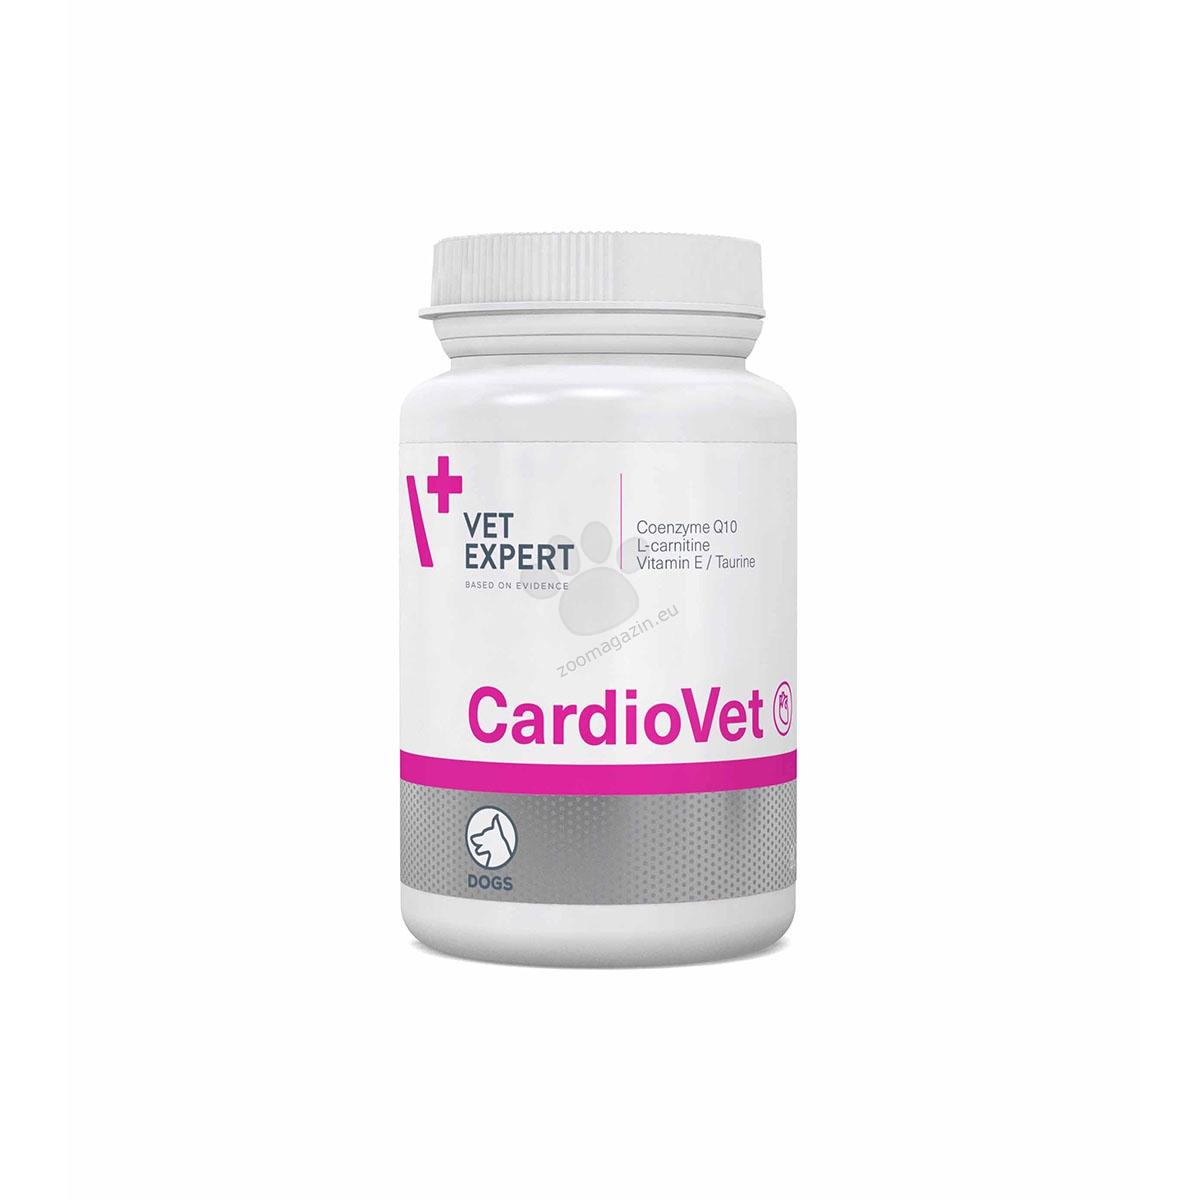 Vetexpert - CardioVet - подпомага сърдечния мускул 90 табл.